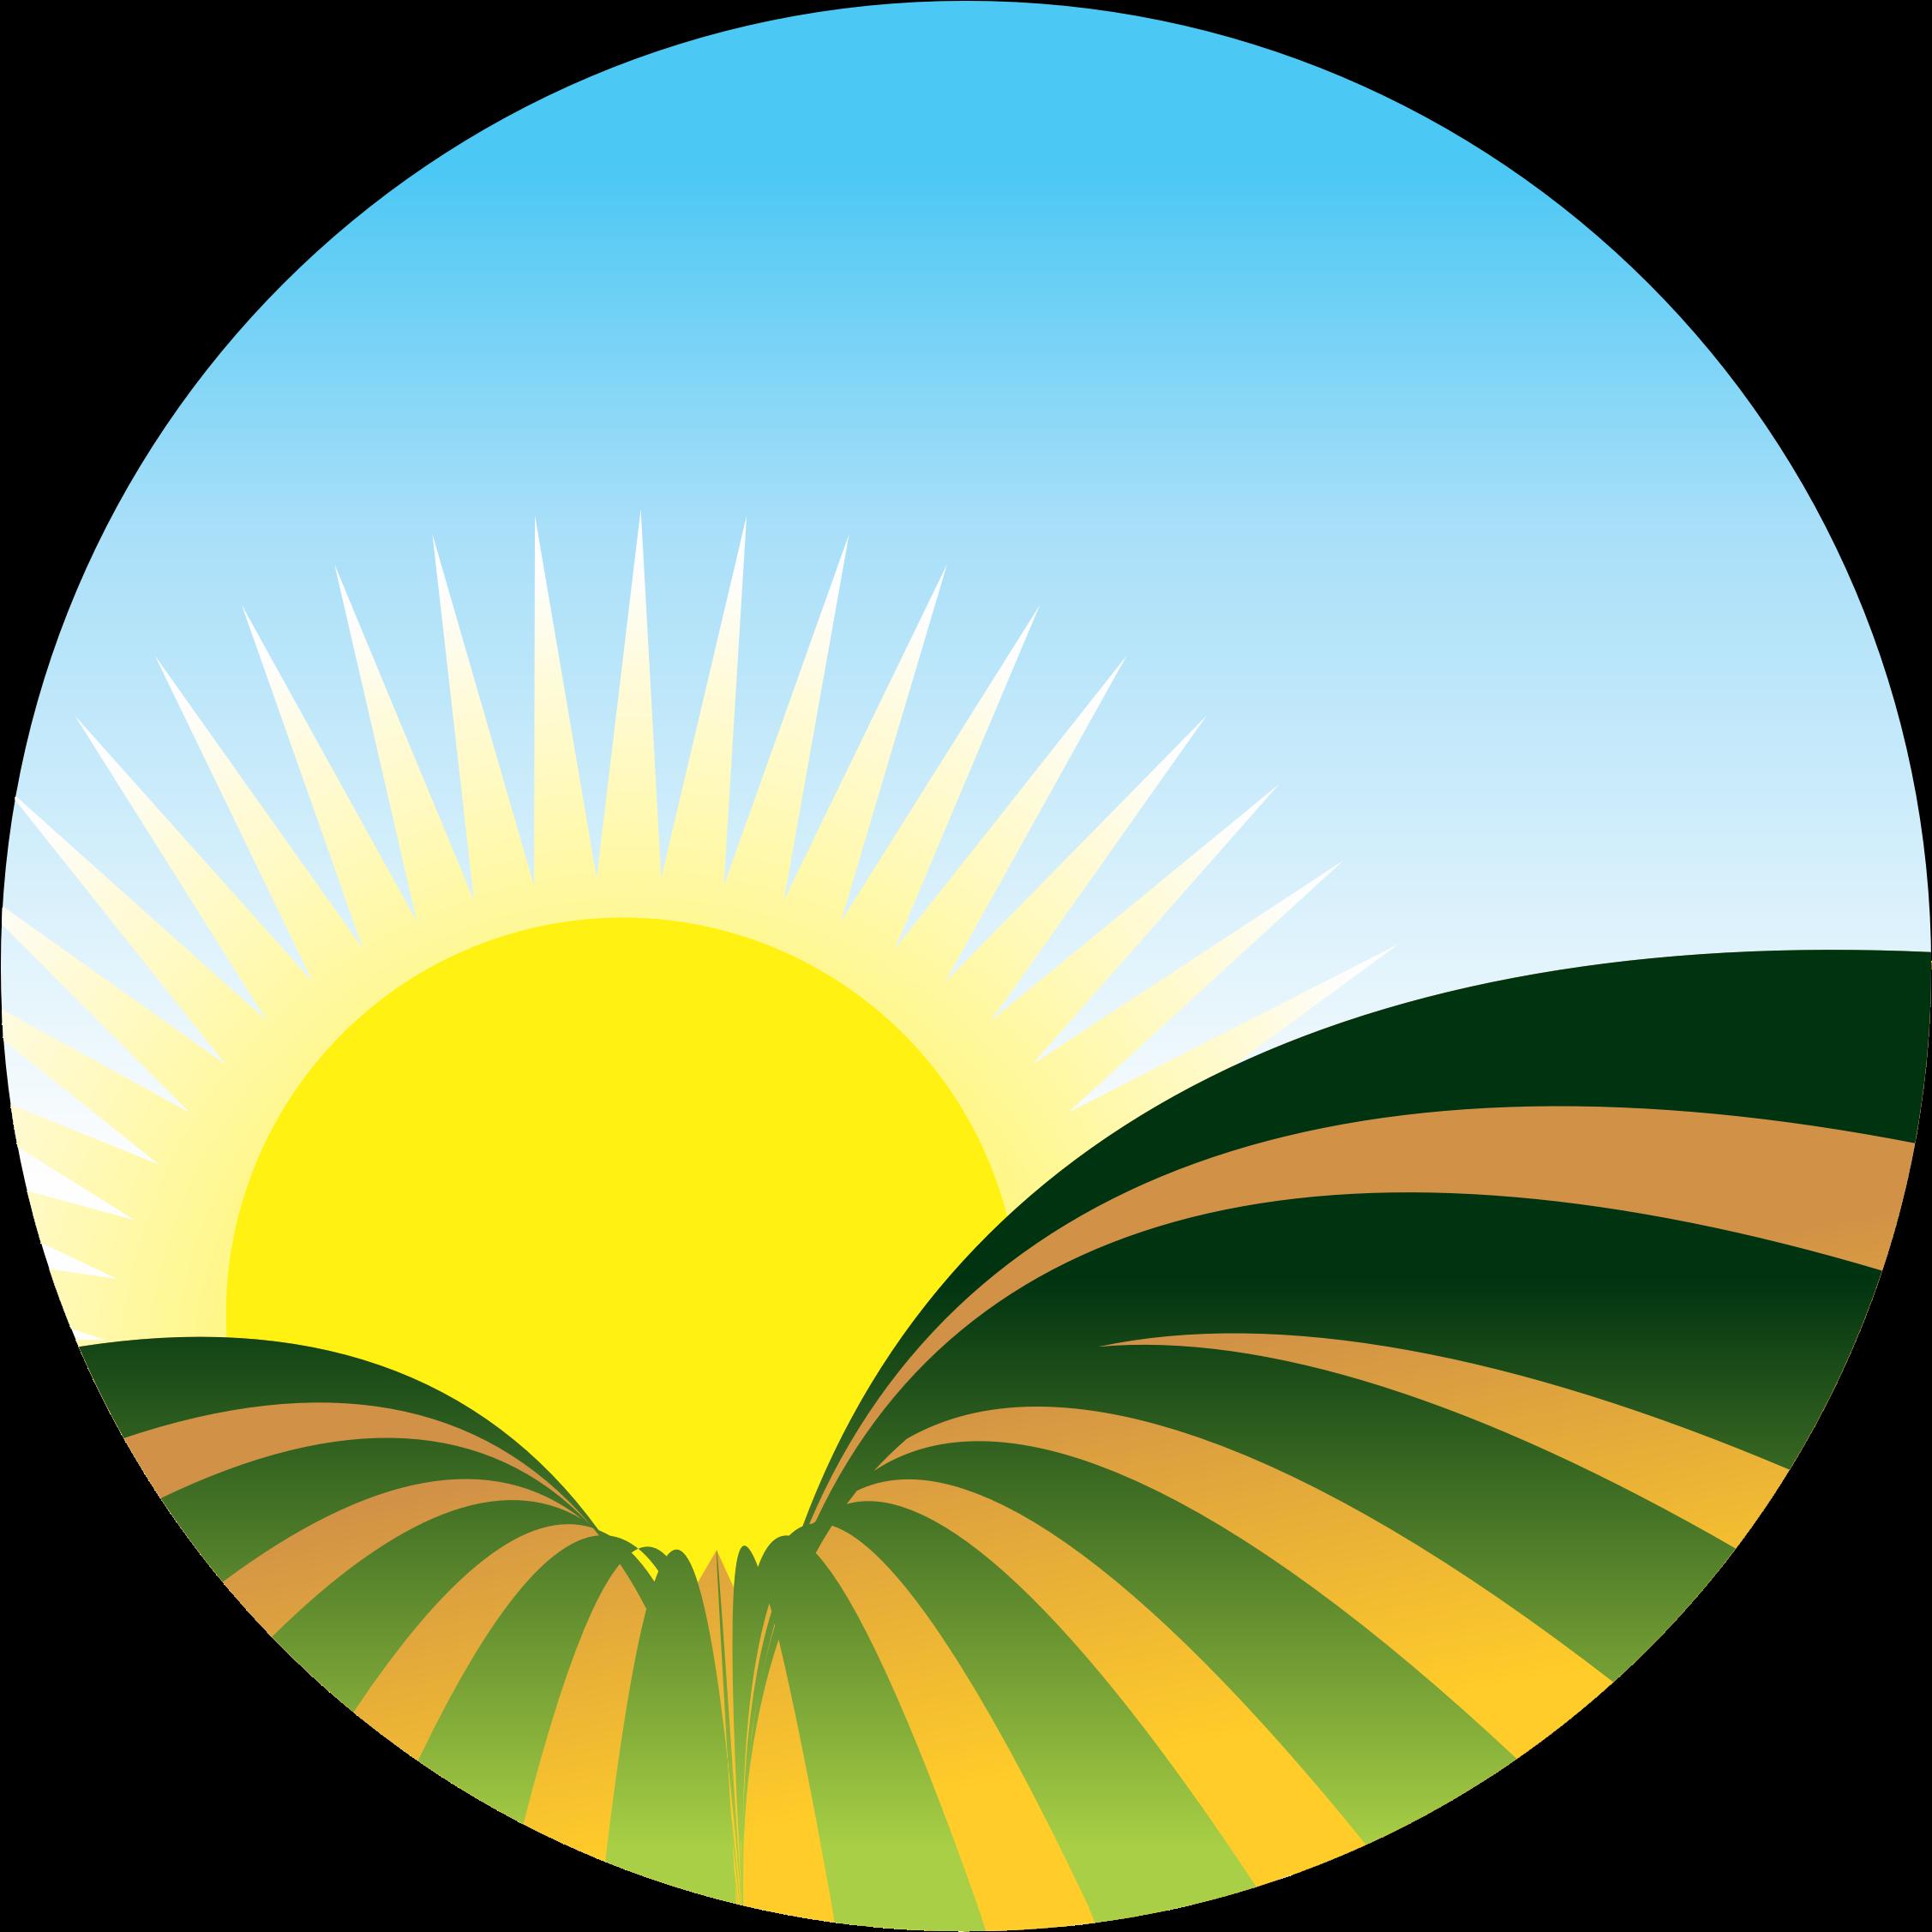 Yellow clipart sunrise Sunrise free clipart Clipartix icon